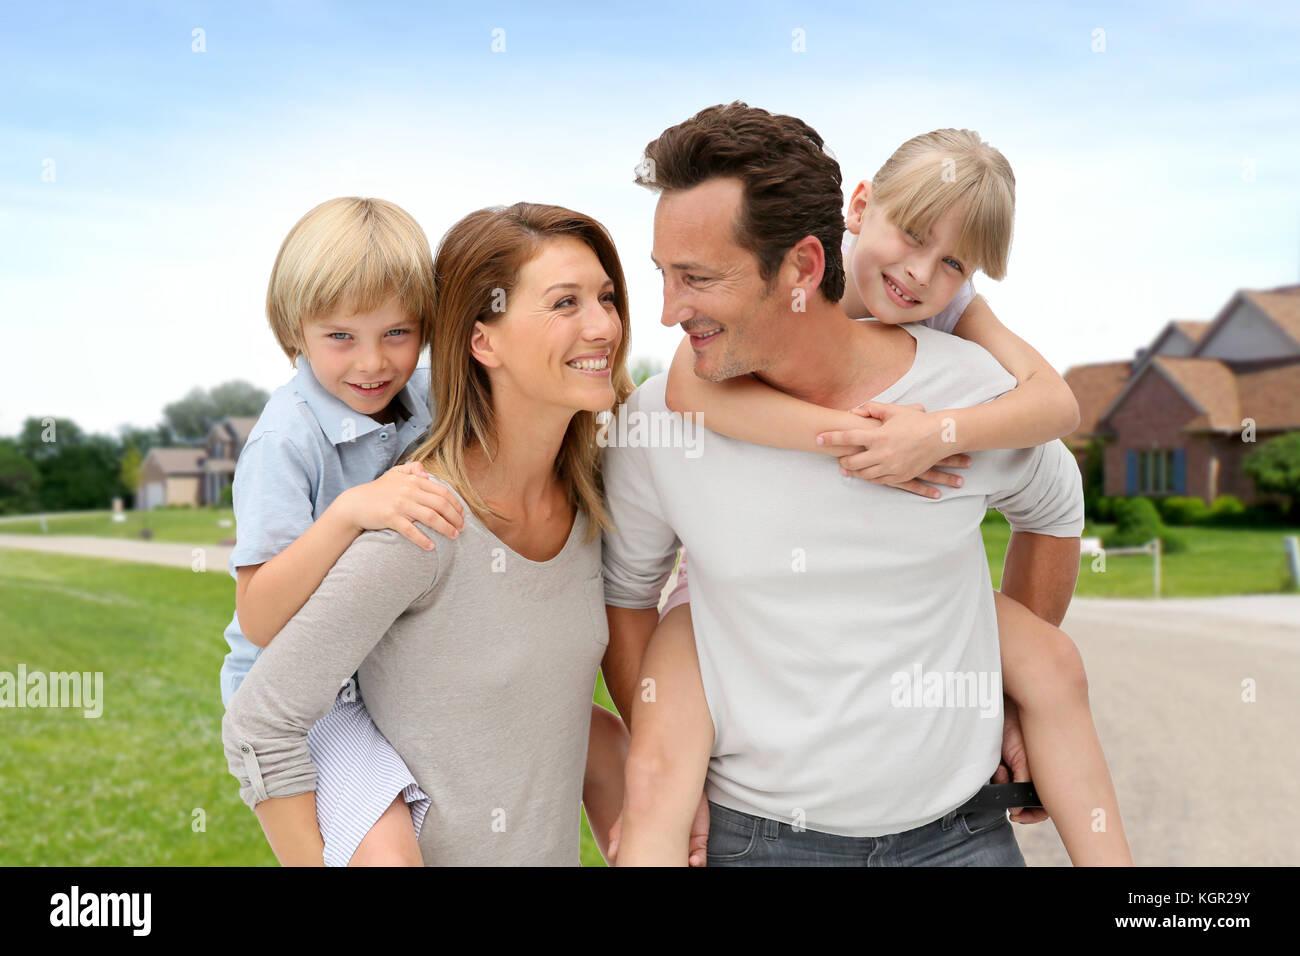 Parents and children standing in neighborhood - Stock Image